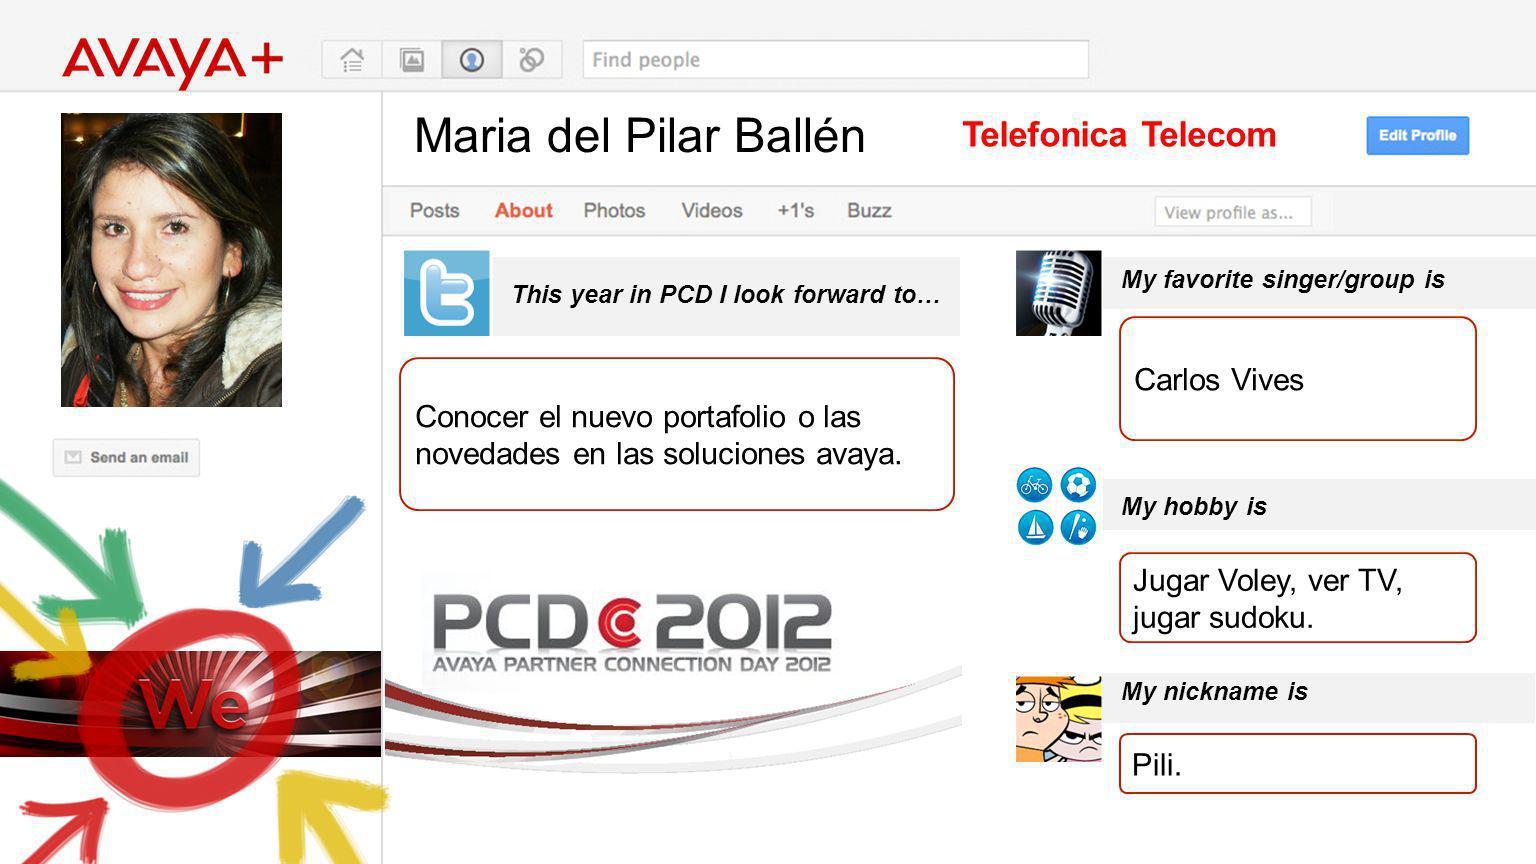 Maria del Pilar Ballén This year in PCD I look forward to… Telefonica Telecom Conocer el nuevo portafolio o las novedades en las soluciones avaya.